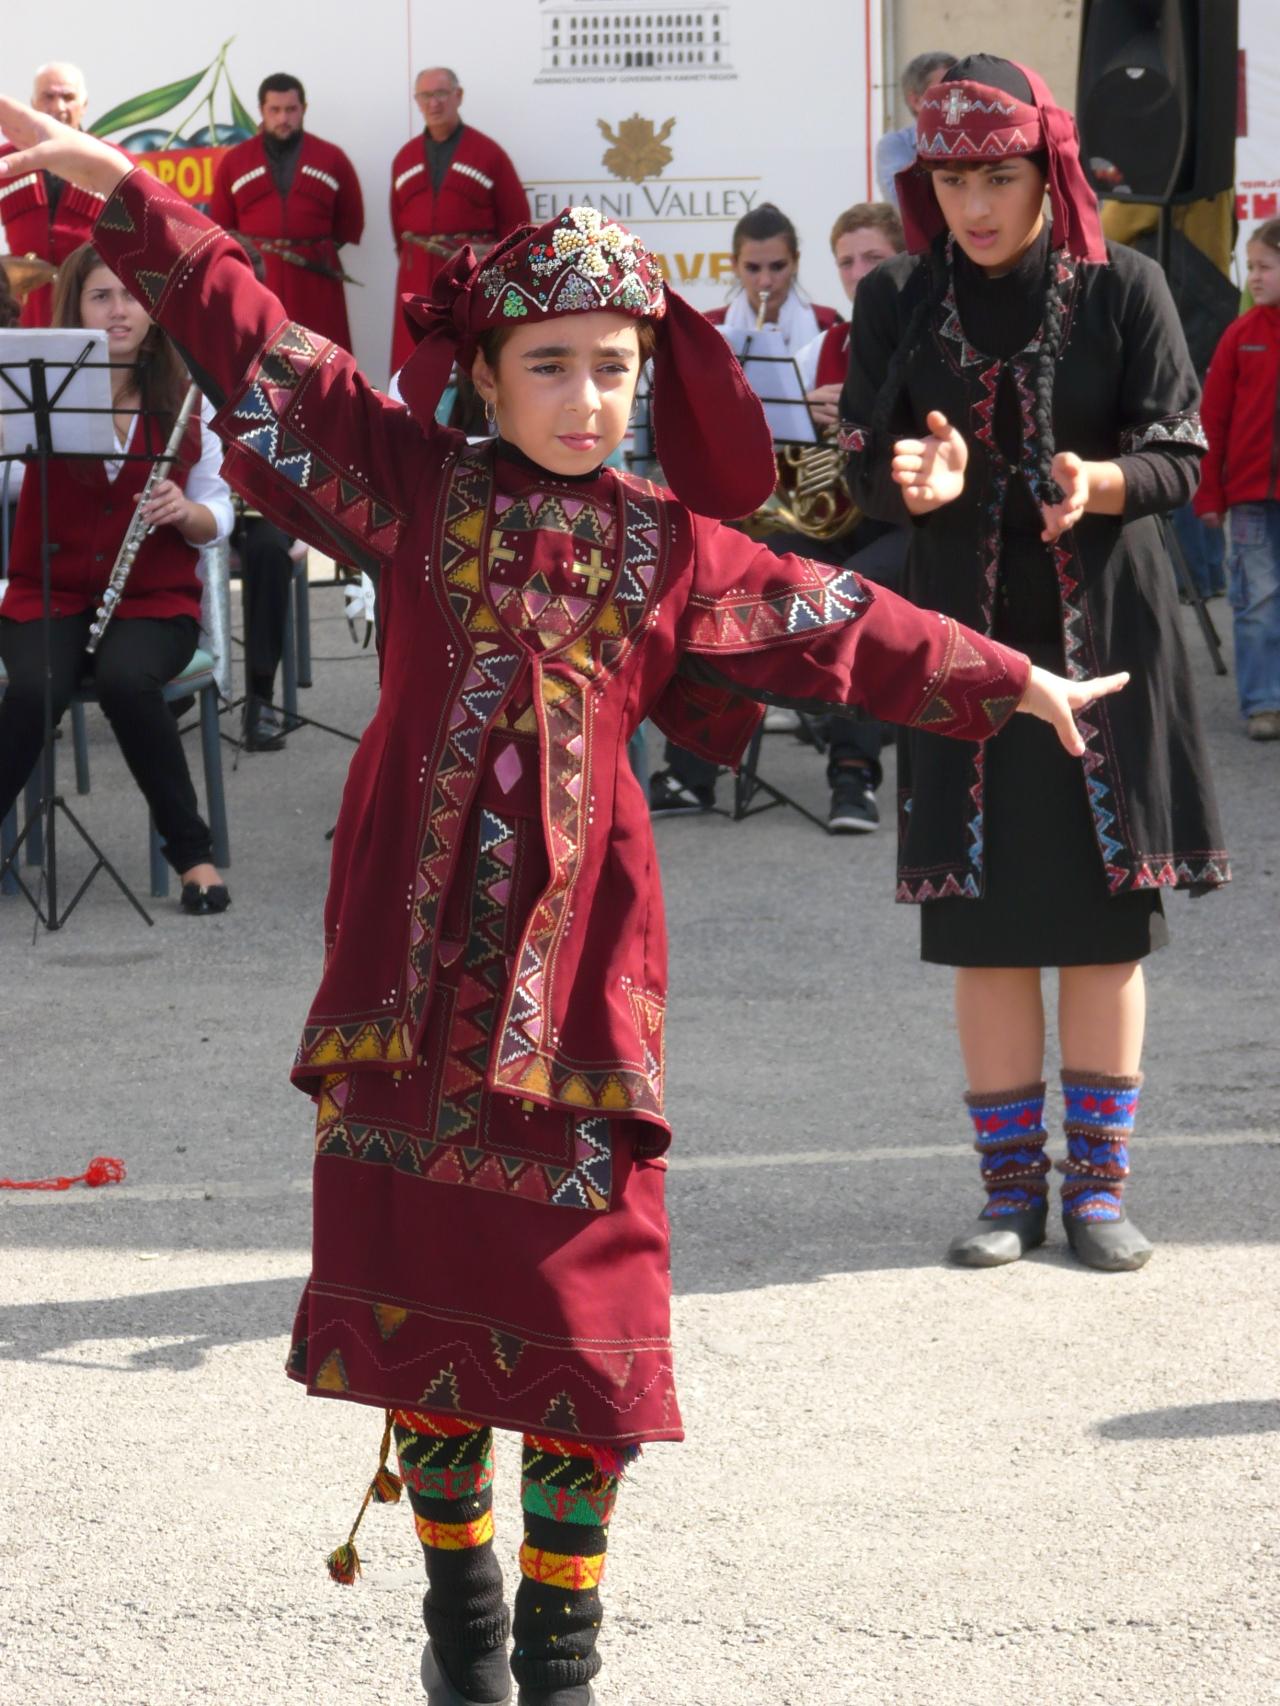 tańce gruzińskie, Gruzja, Martyna Skura, blog podróżniczy